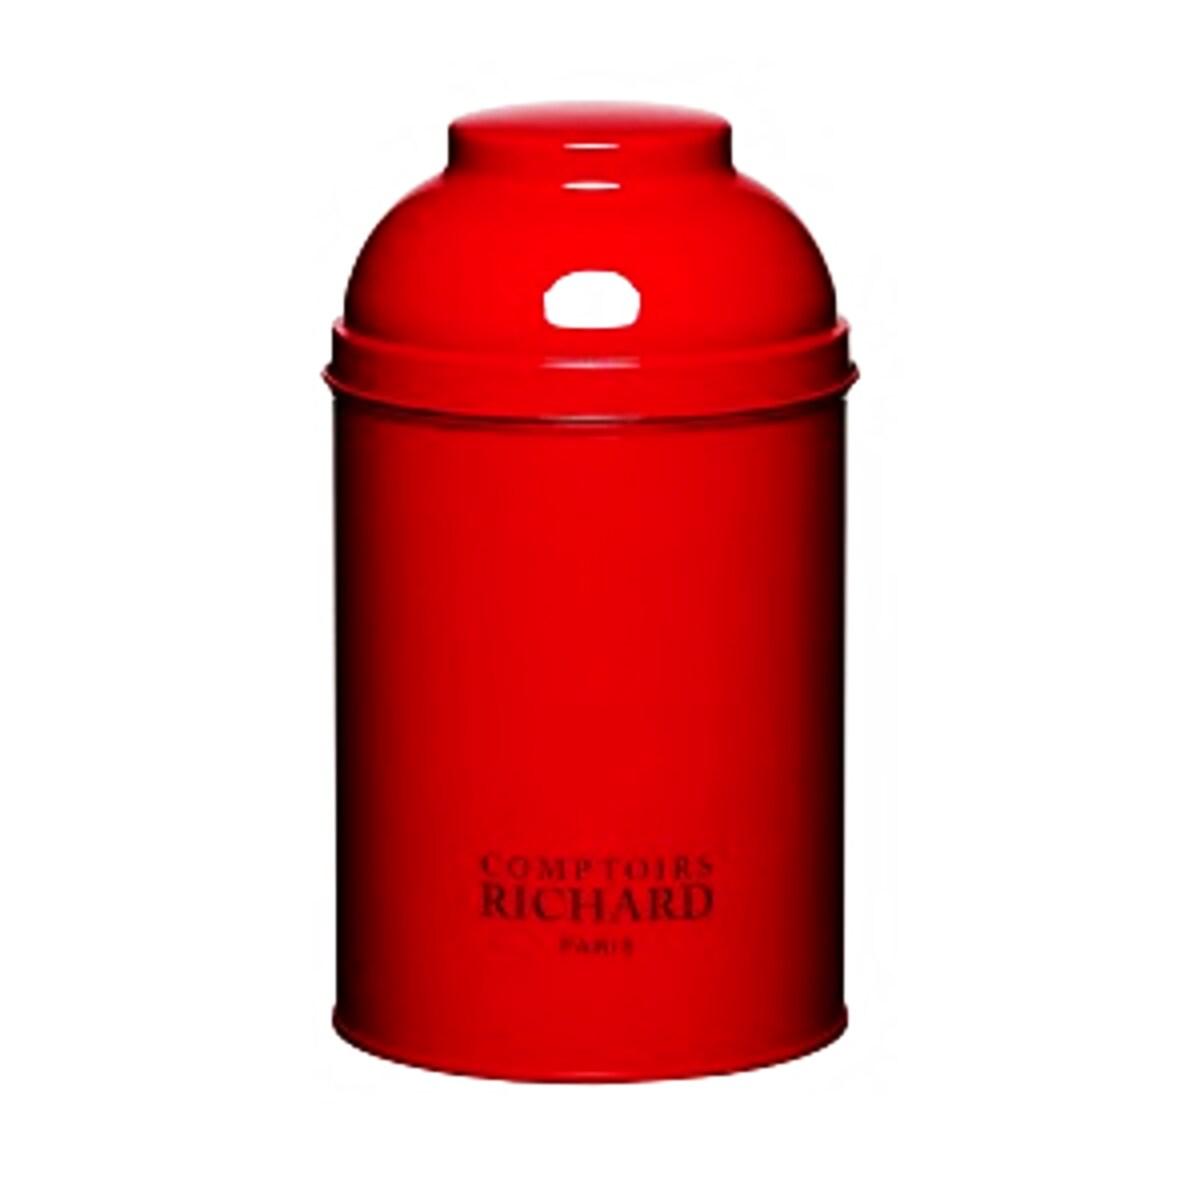 Cutie metalică de culoarea roși pentru ceai Cafes Richard